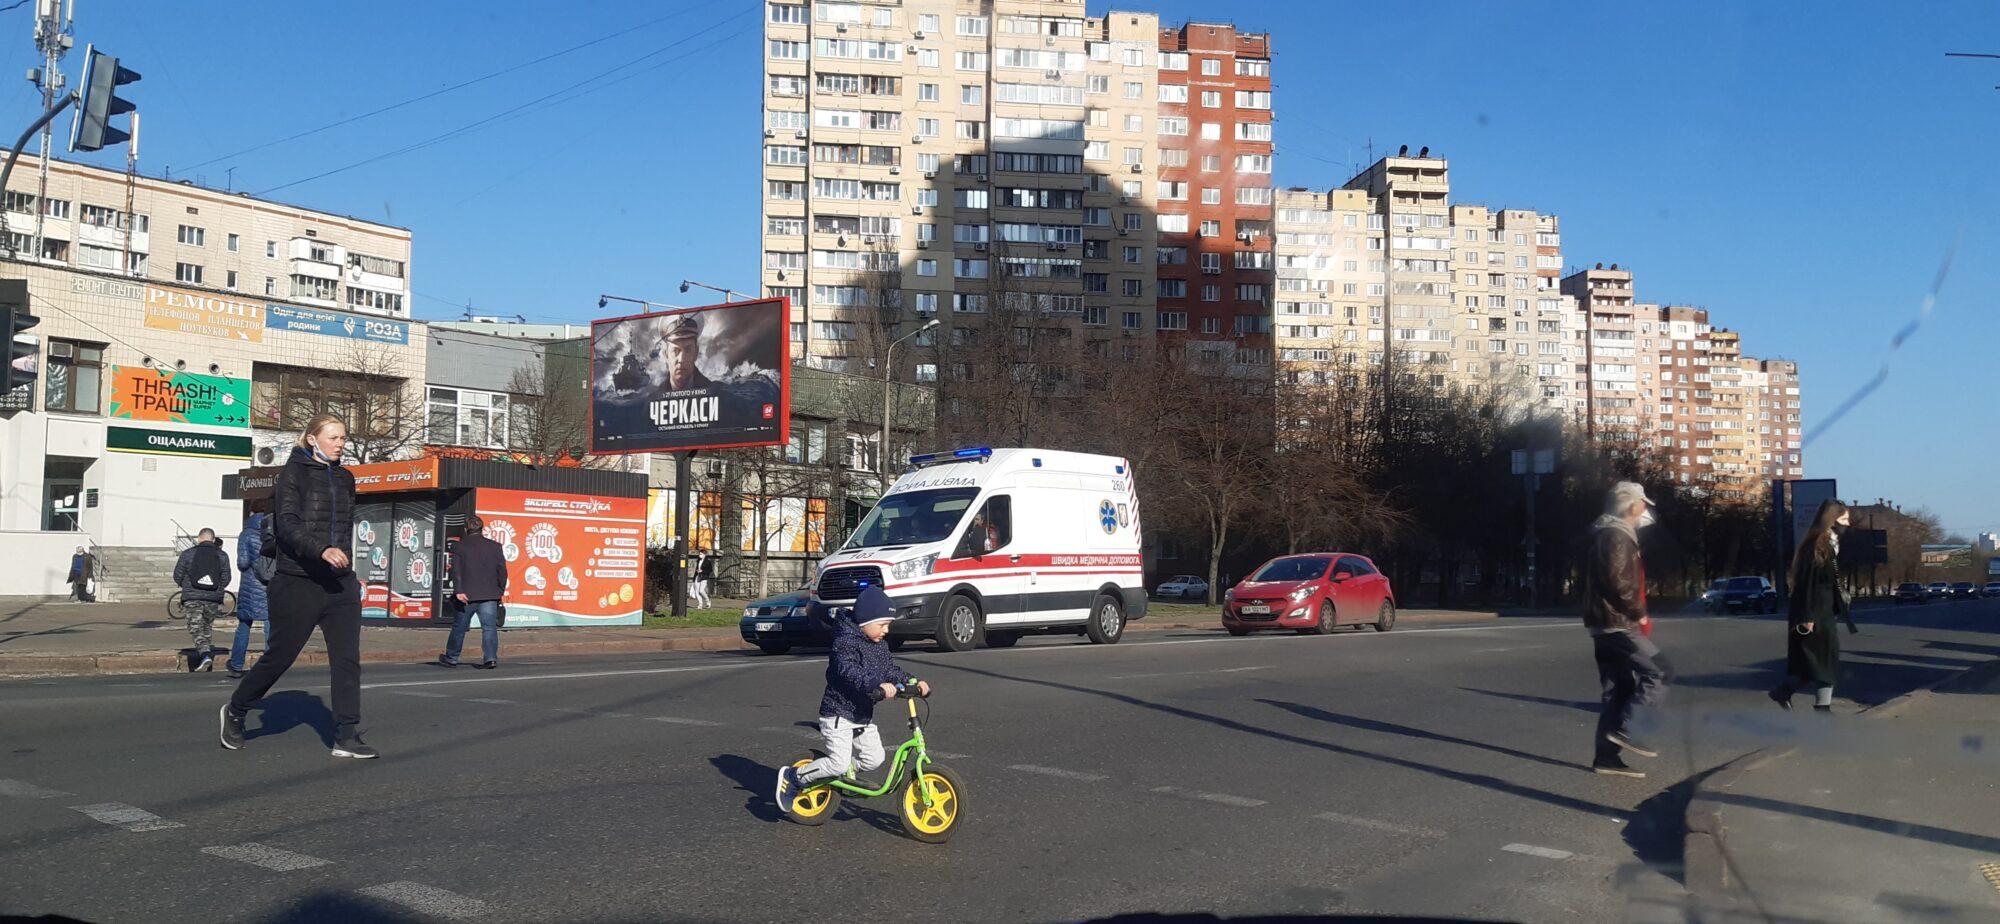 У столиці за минулу добу COVID-19 подолали 207 людей - коронавірус, Віталій Кличко - 20200406 171302 2000x924